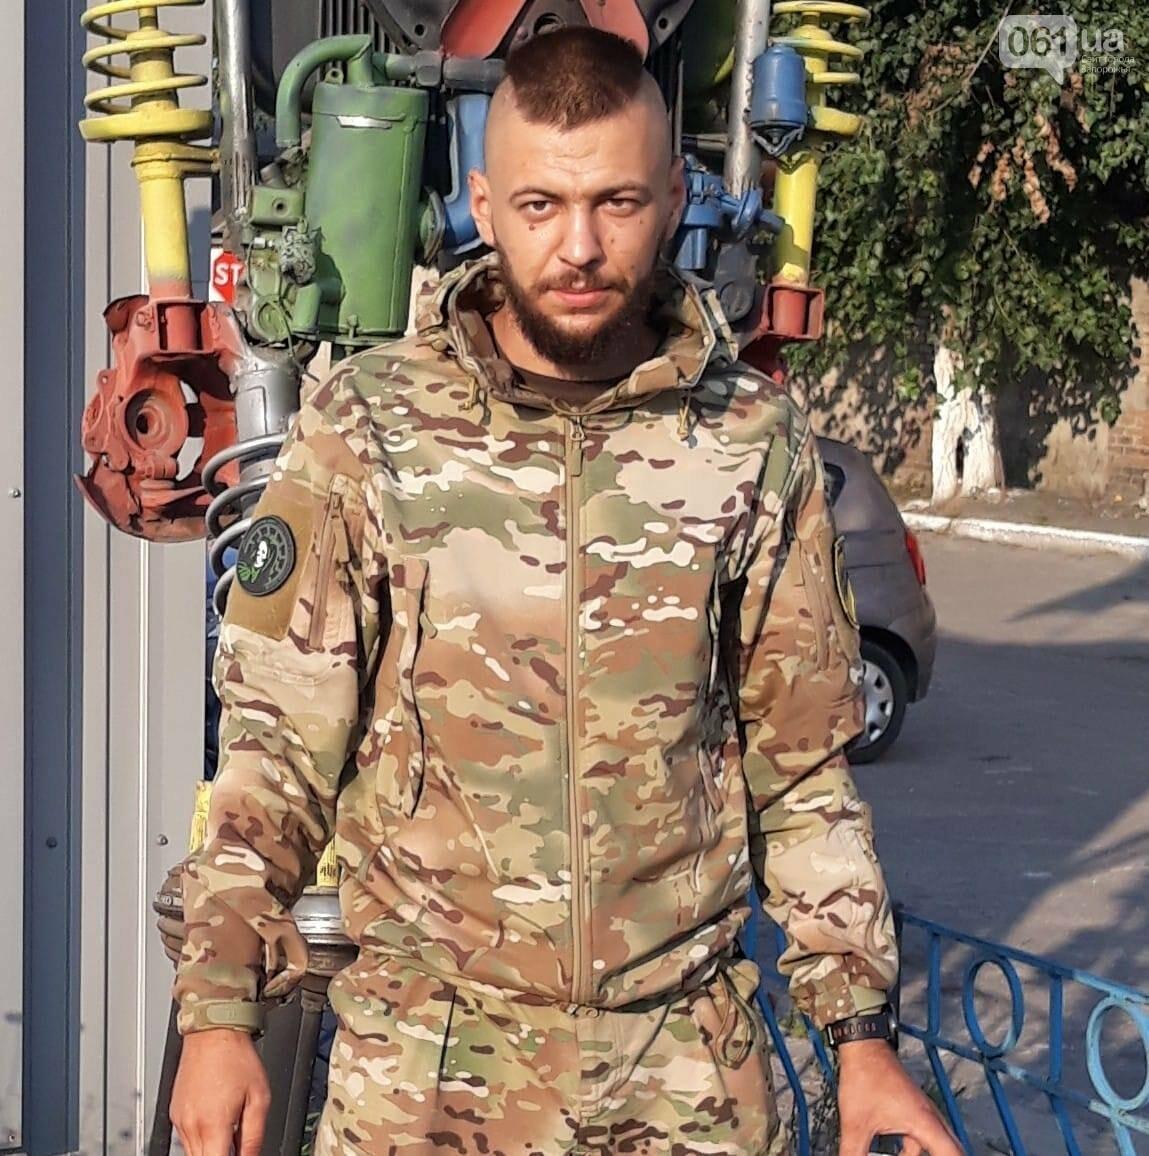 """В Запорожье избили бойца батальона """"Азов"""", который заступился за девушку - нападавшего задержали , фото-1"""